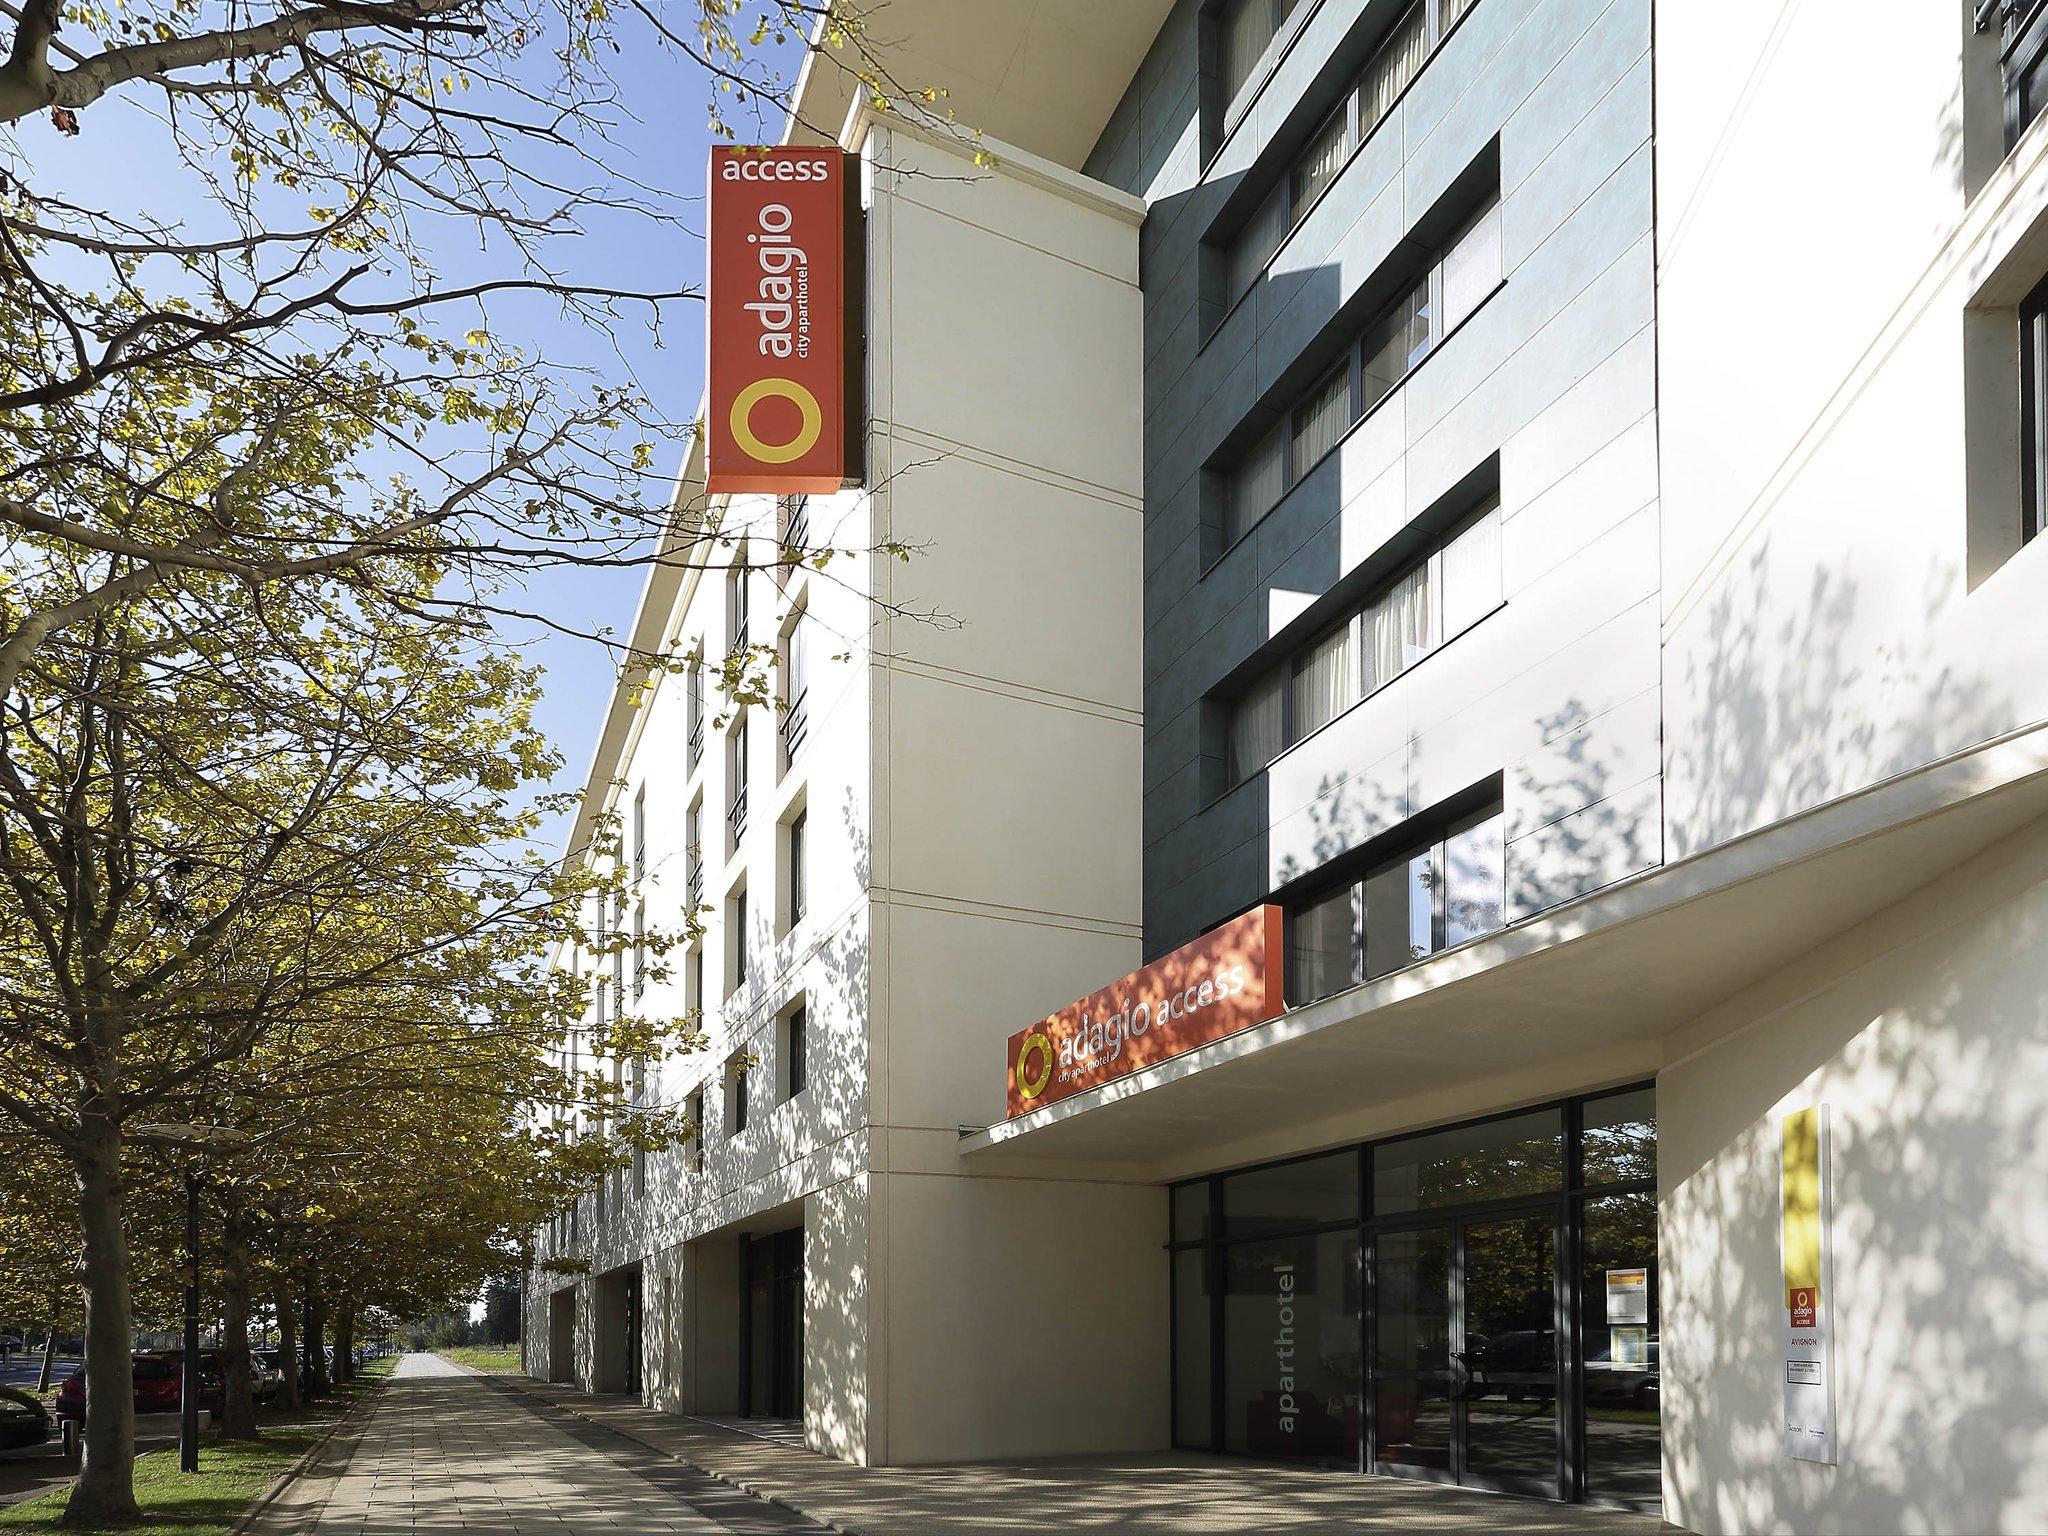 Adagio Access Avignon